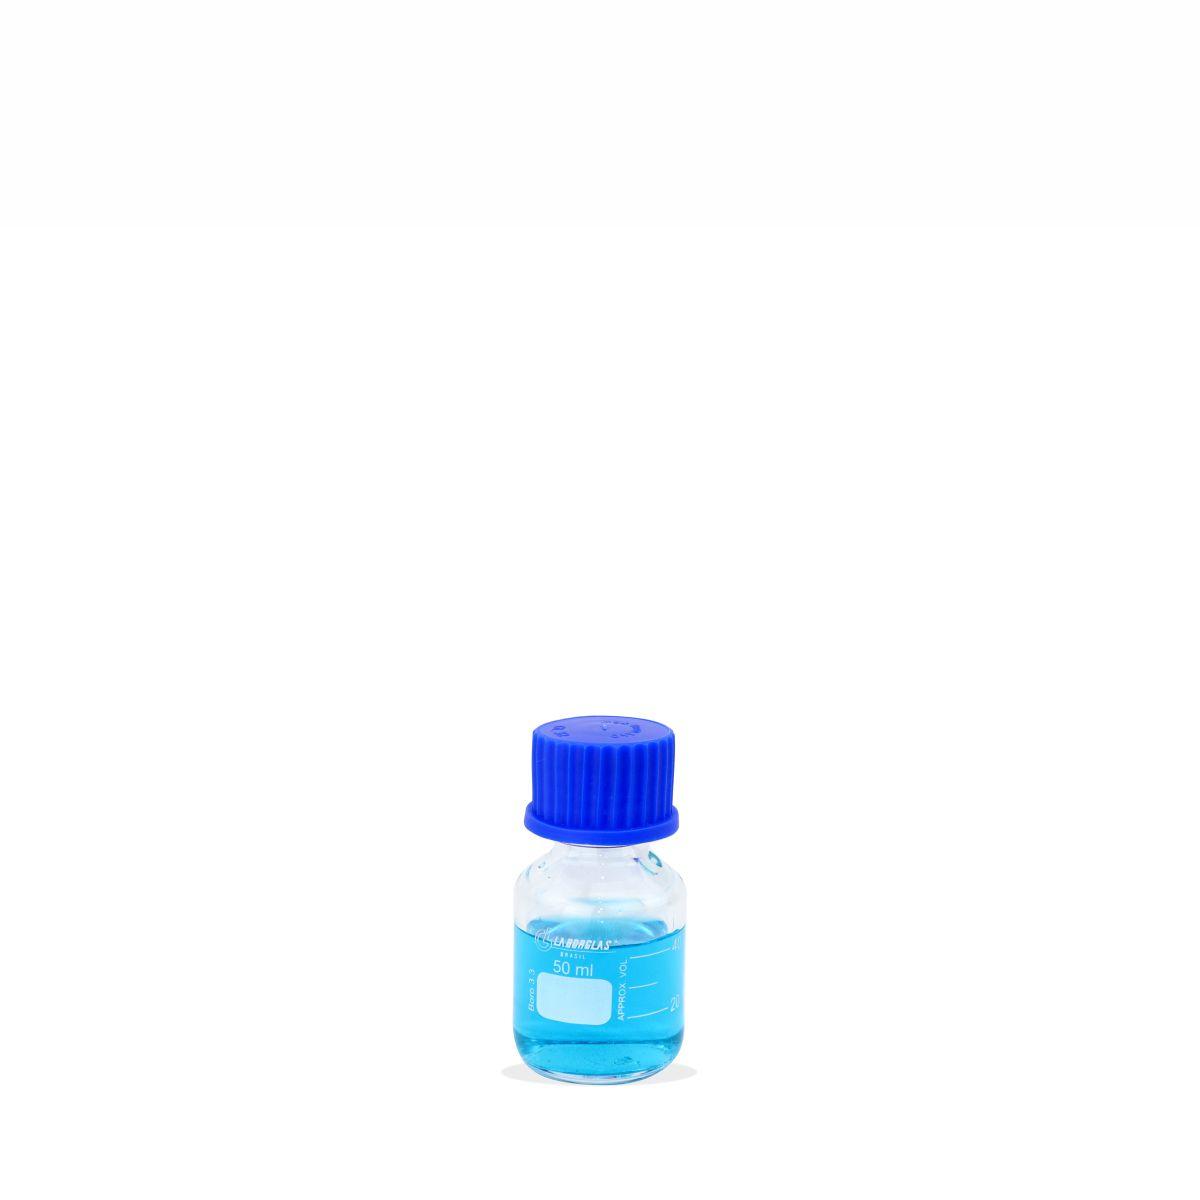 Frasco Reagente Graduado com Tampa Rosca Anti-gotas Azul